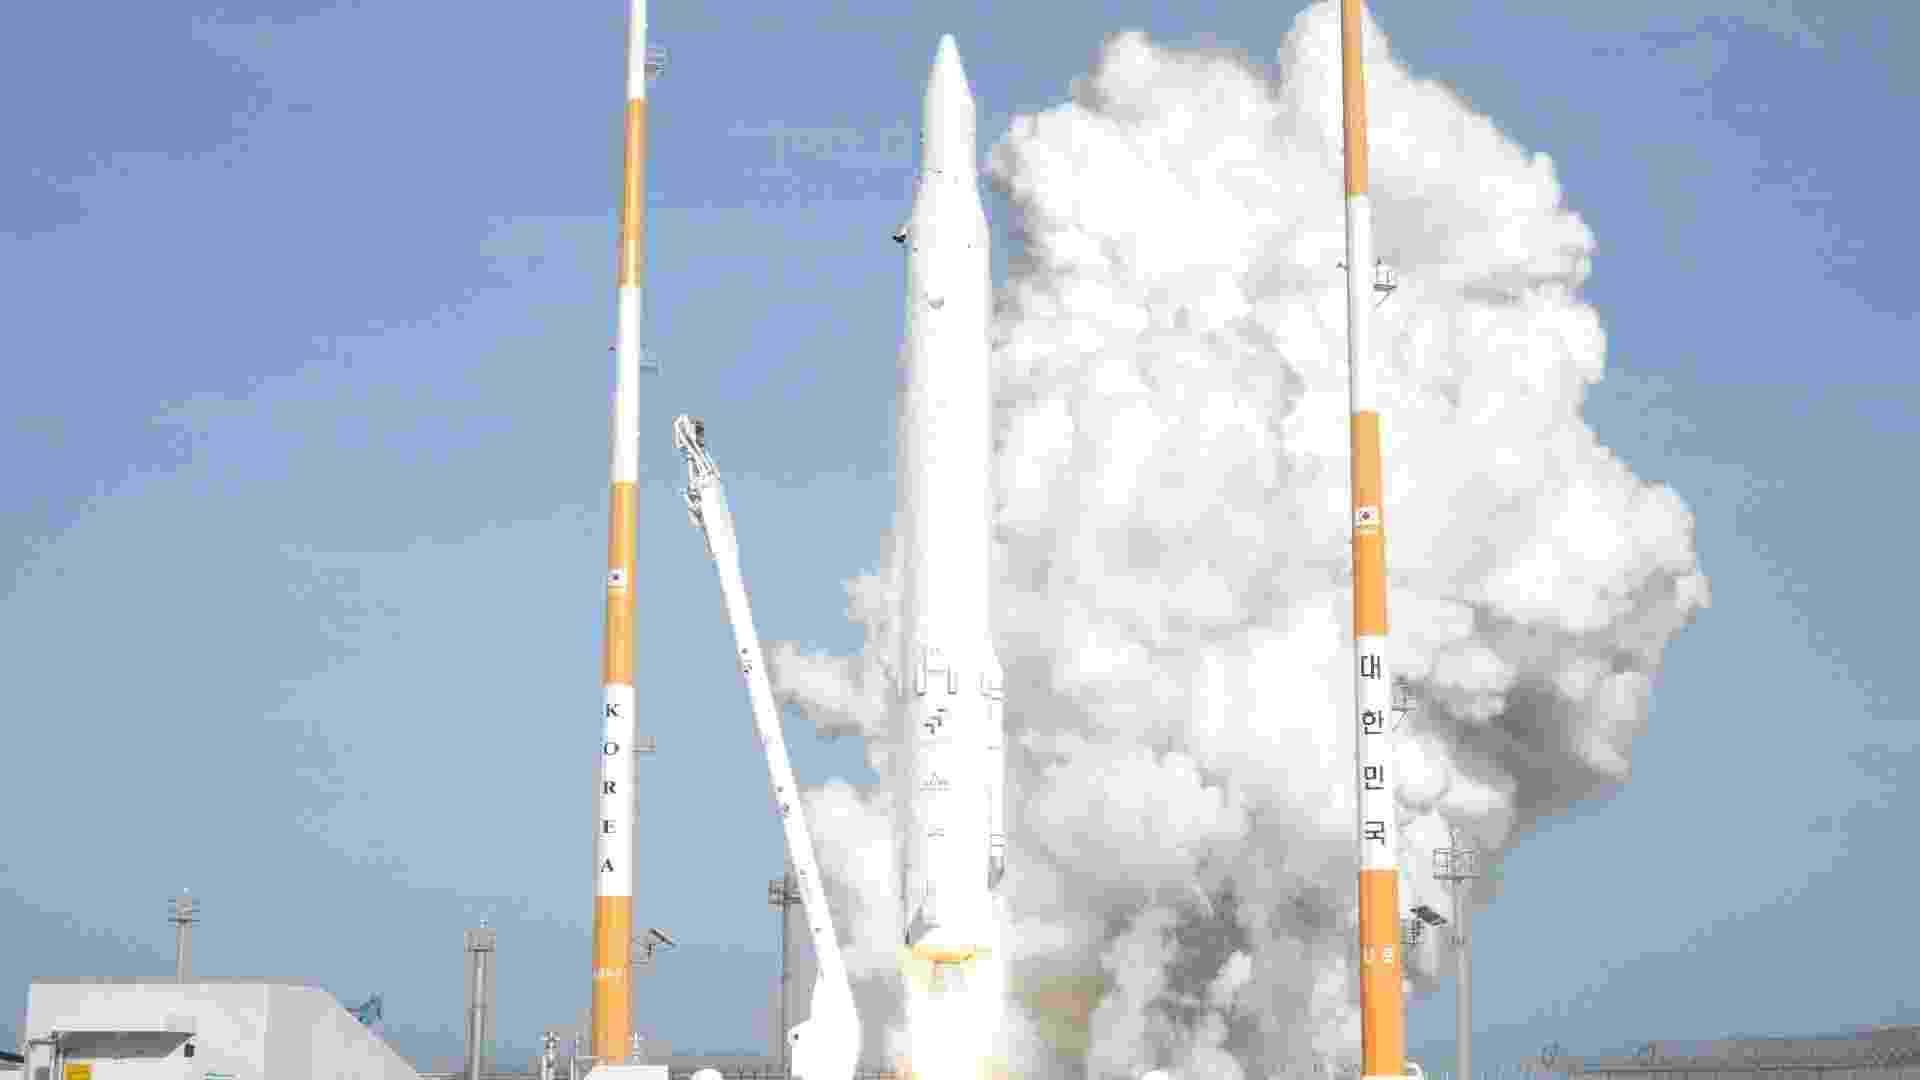 30.jan.2013 - A Coreia do Sul lançou o foguete Naro-1, o primeiro fabricado parcialmente com tecnologia local, nesta quarta-feira (30), após duas tentativas fracassadas em 2009 e 2010. O processo aconteceu como foi planejado e os mecanismos de abertura para liberar o satélite STS-2C funcionaram corretamente, mas ainda é preciso que o dispositivo envie seus primeiros sinais para determinar o sucesso total da missão - Korea Aerospace Research Institute/Reuters